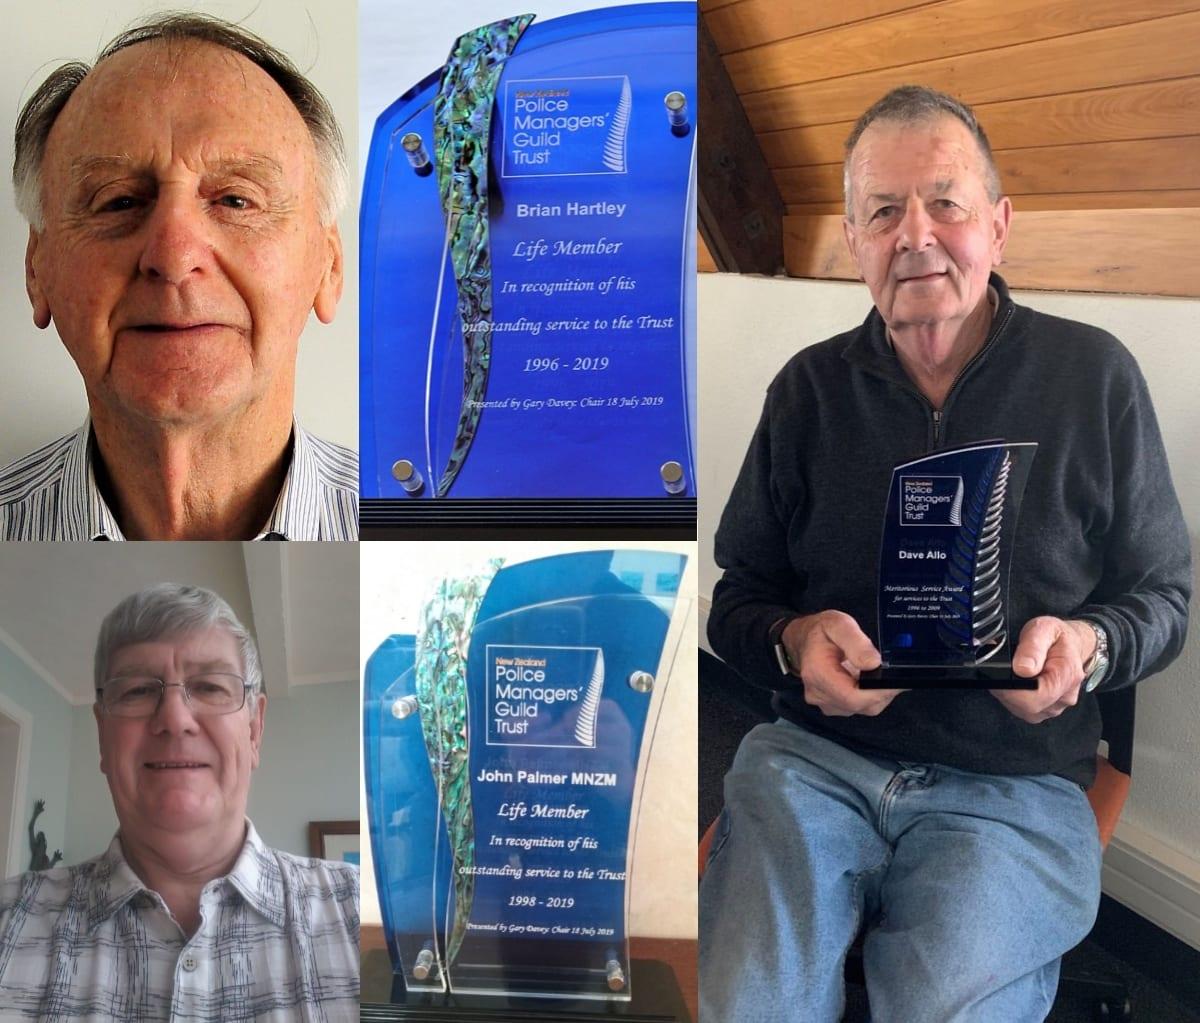 Brian Hartley and John Palmer life membership awards